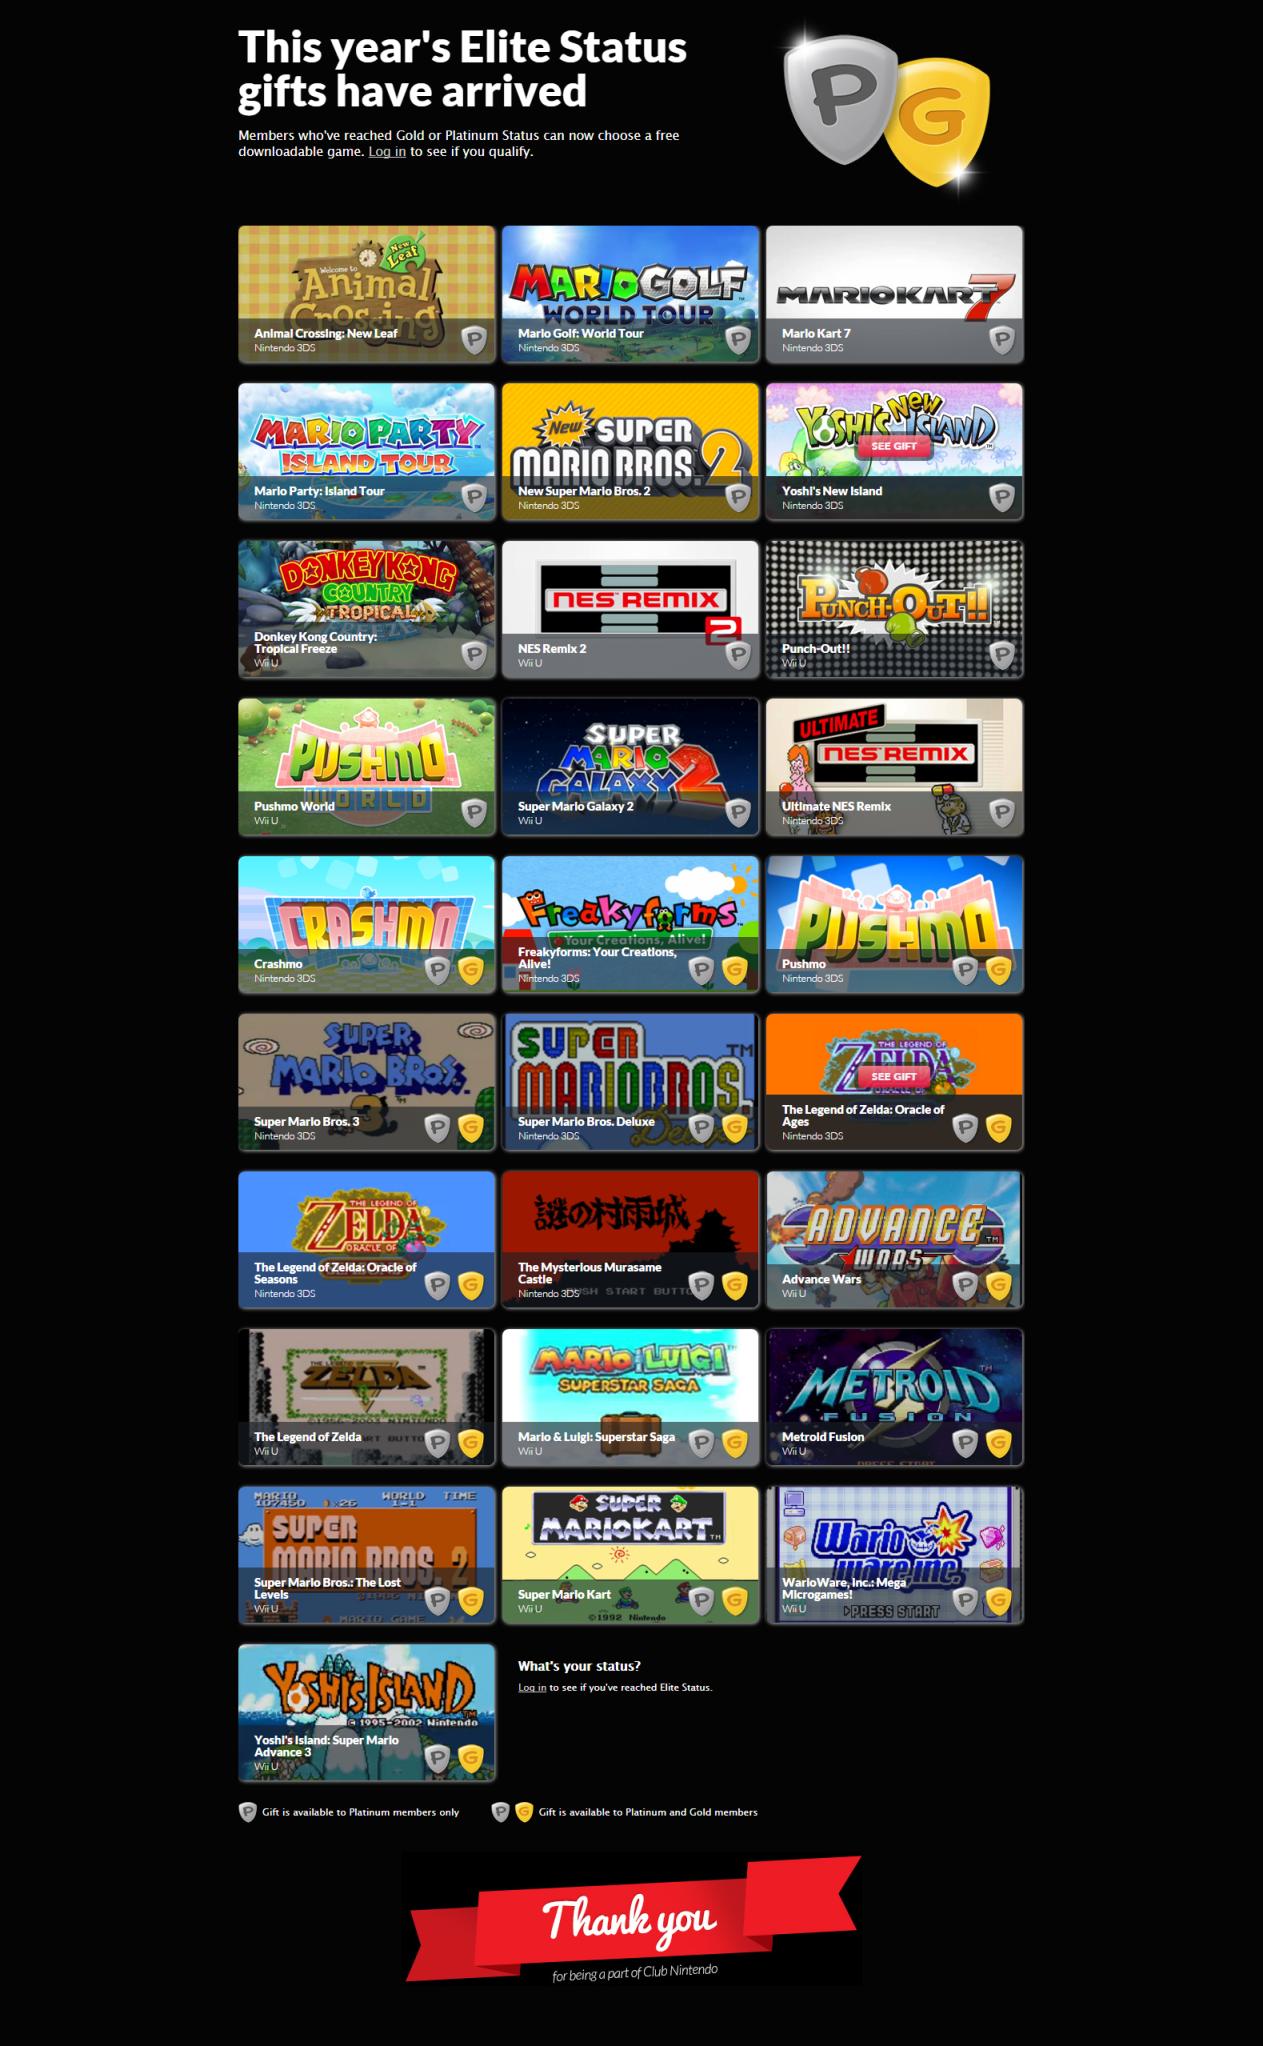 [GAMES][Tópico Oficial] Nintendo Wii U - Primeiro Nintendo Direct de 2015! - Página 14 Club-nintendo-rewards